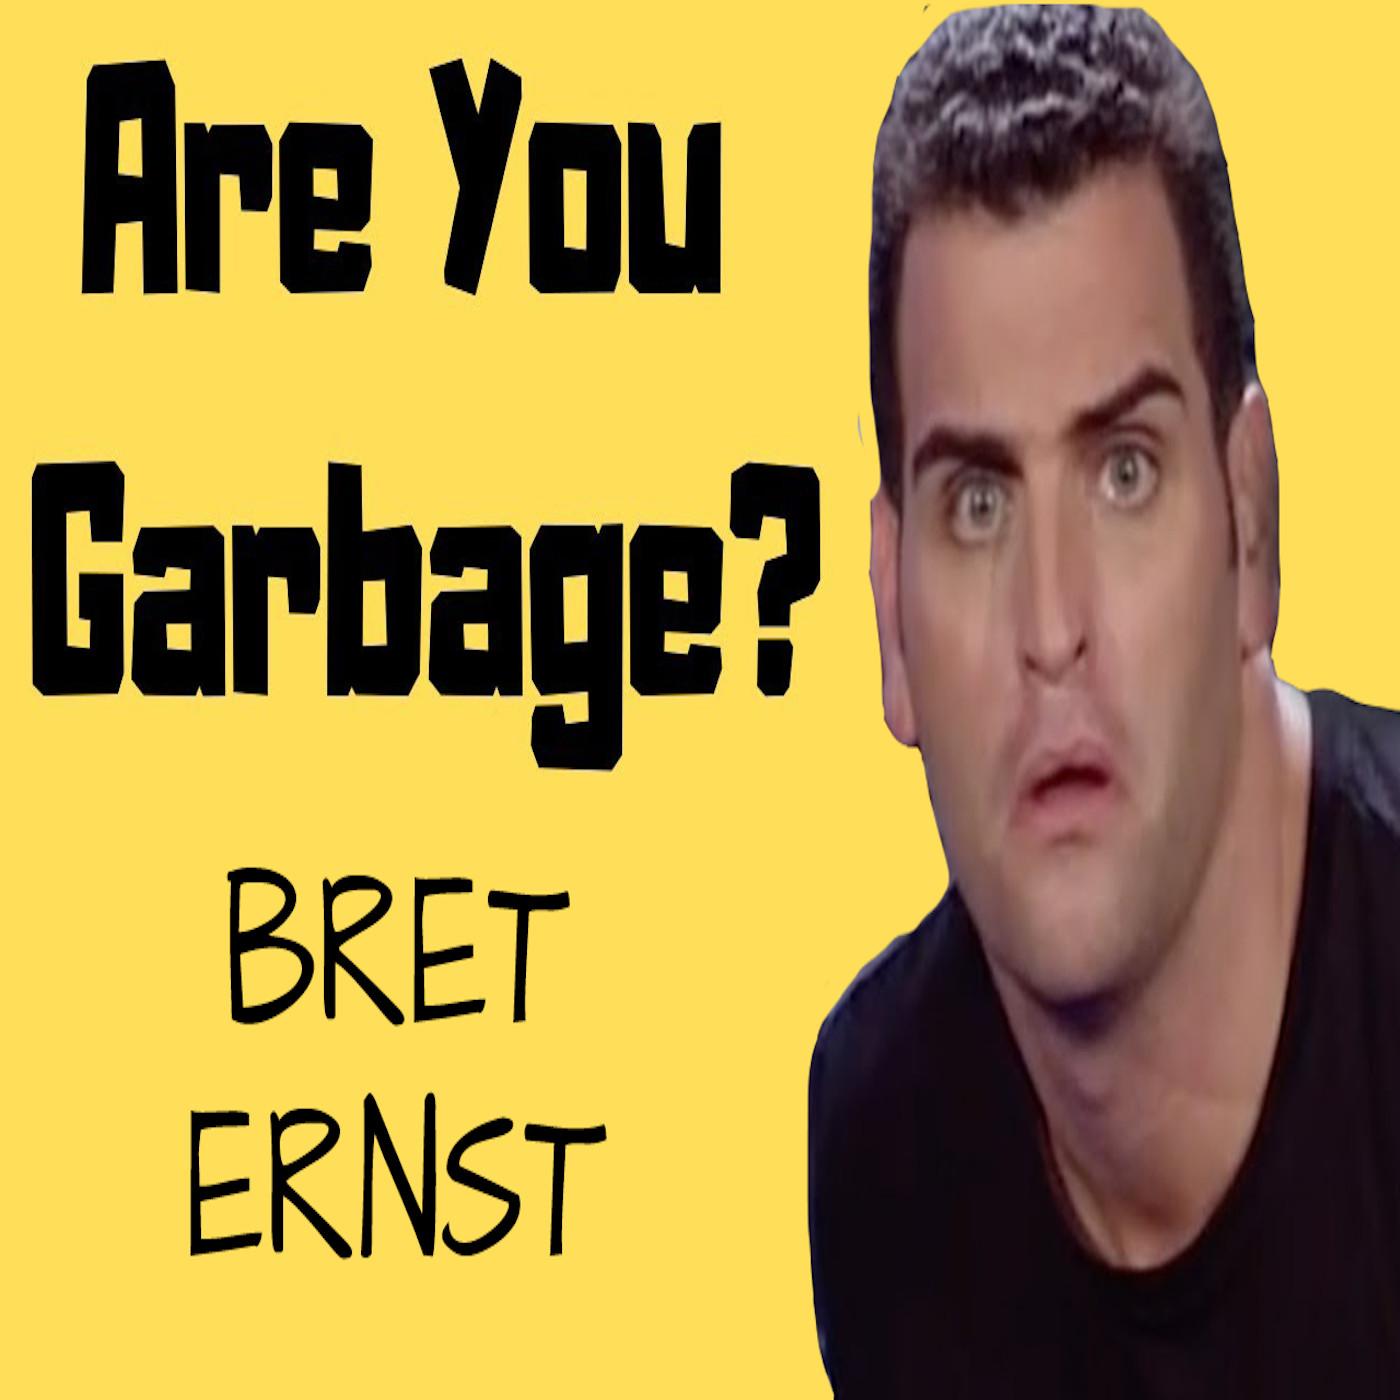 Bret Ernst: Italian Garbage